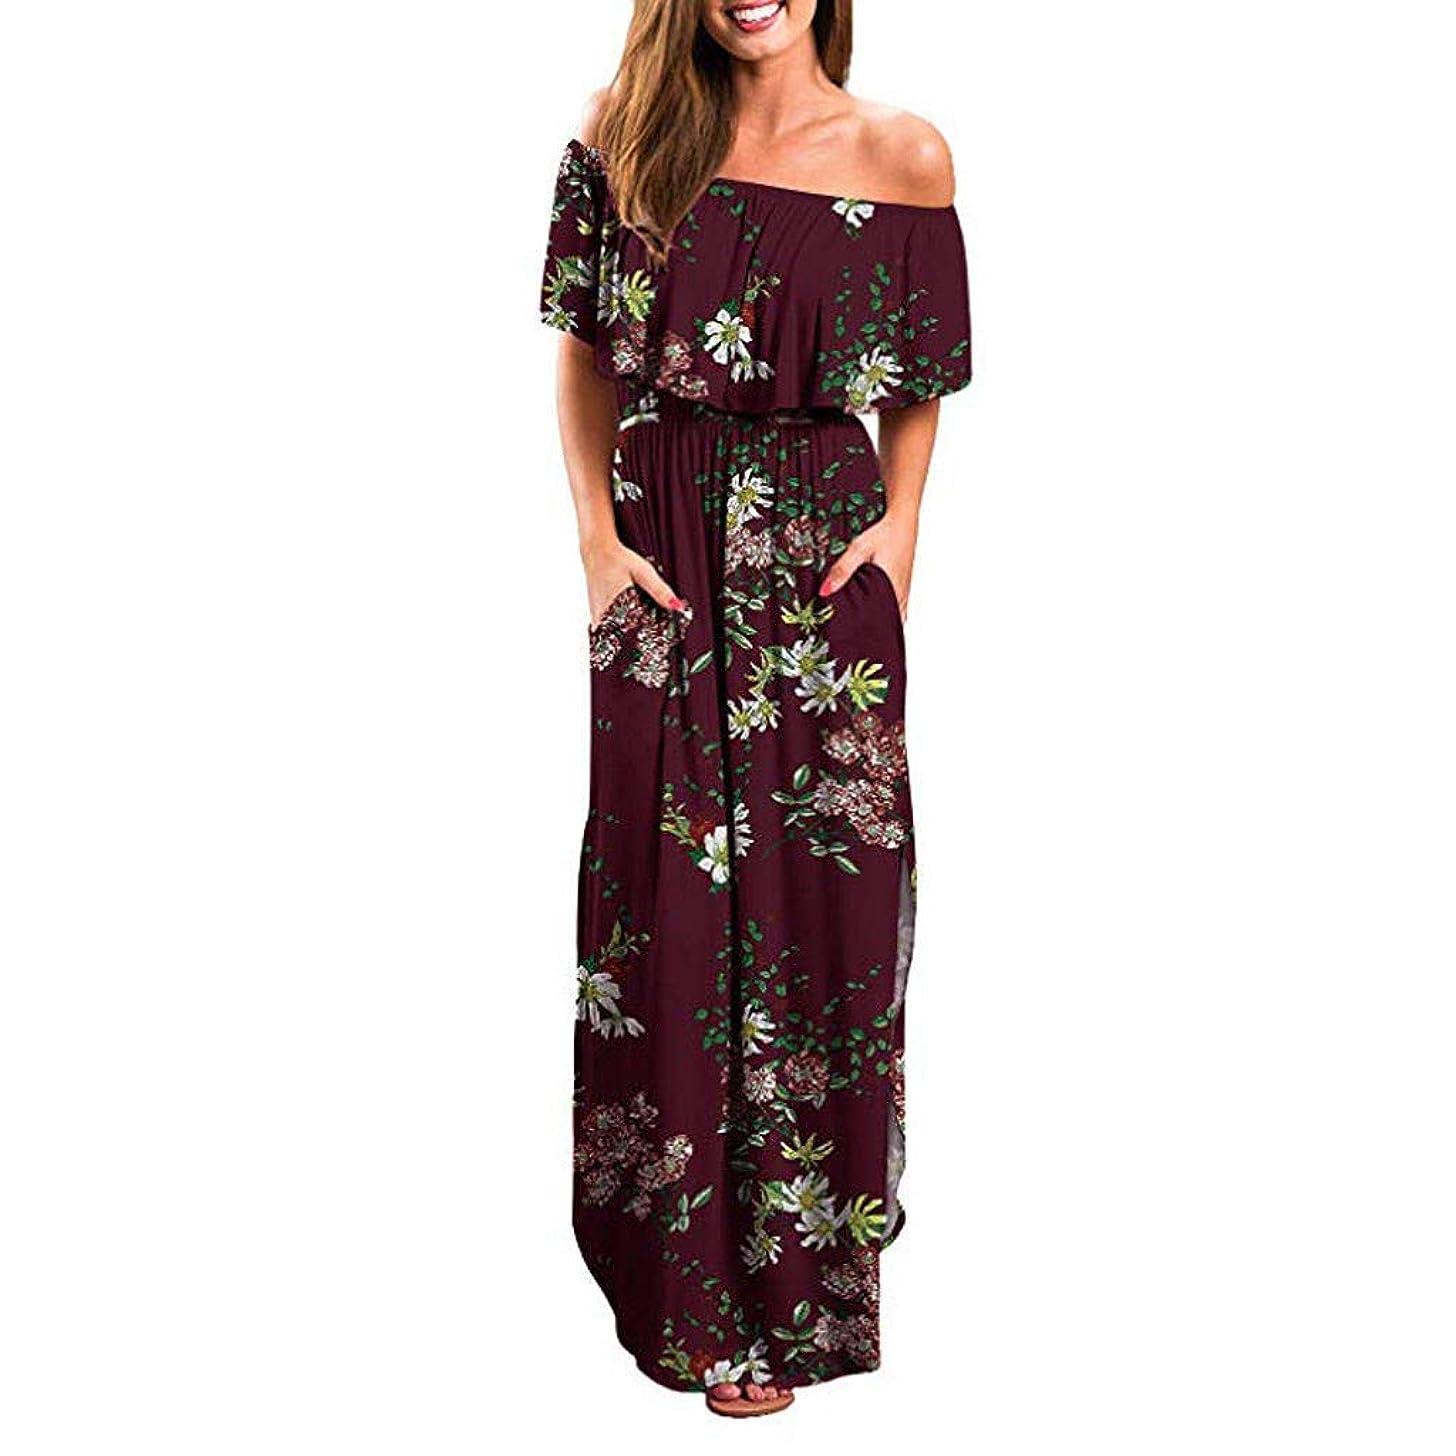 Caopixx Womens Floral Off The Shoulder Dresses Summer Casual Ruffle High Waist Slit Long Maxi Dress